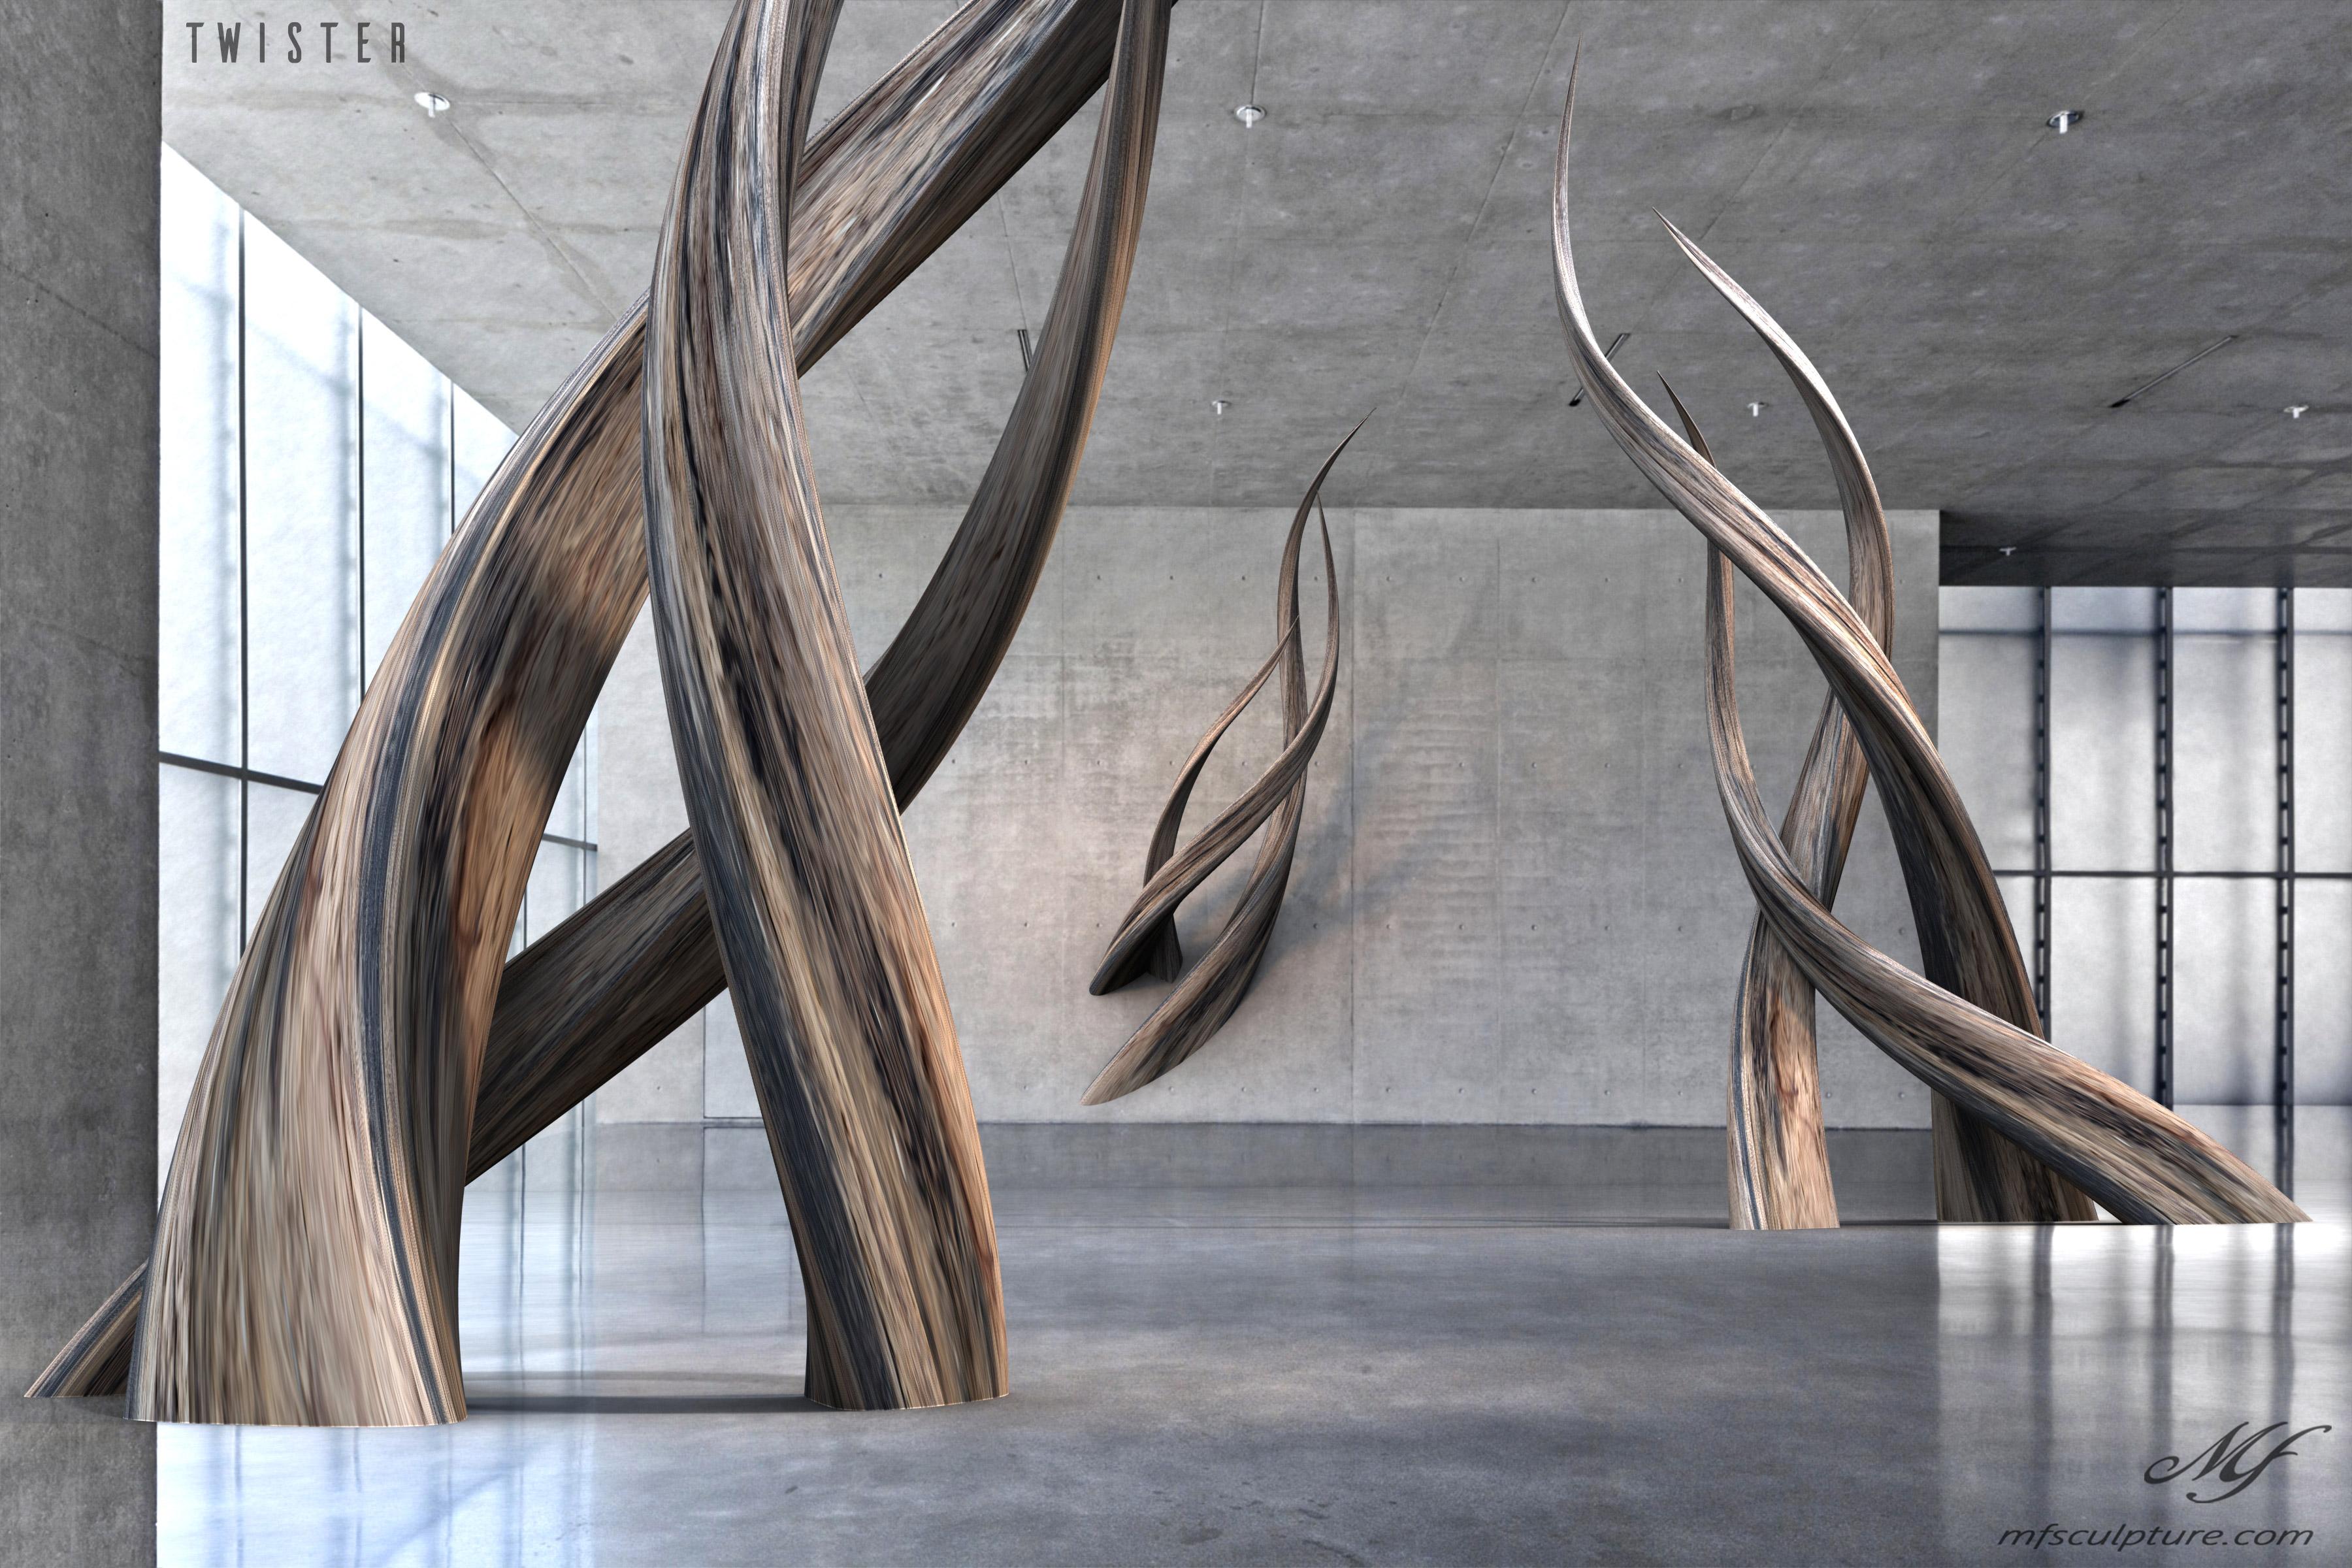 Twister KUB Architecture Kunsthaus Bregenz